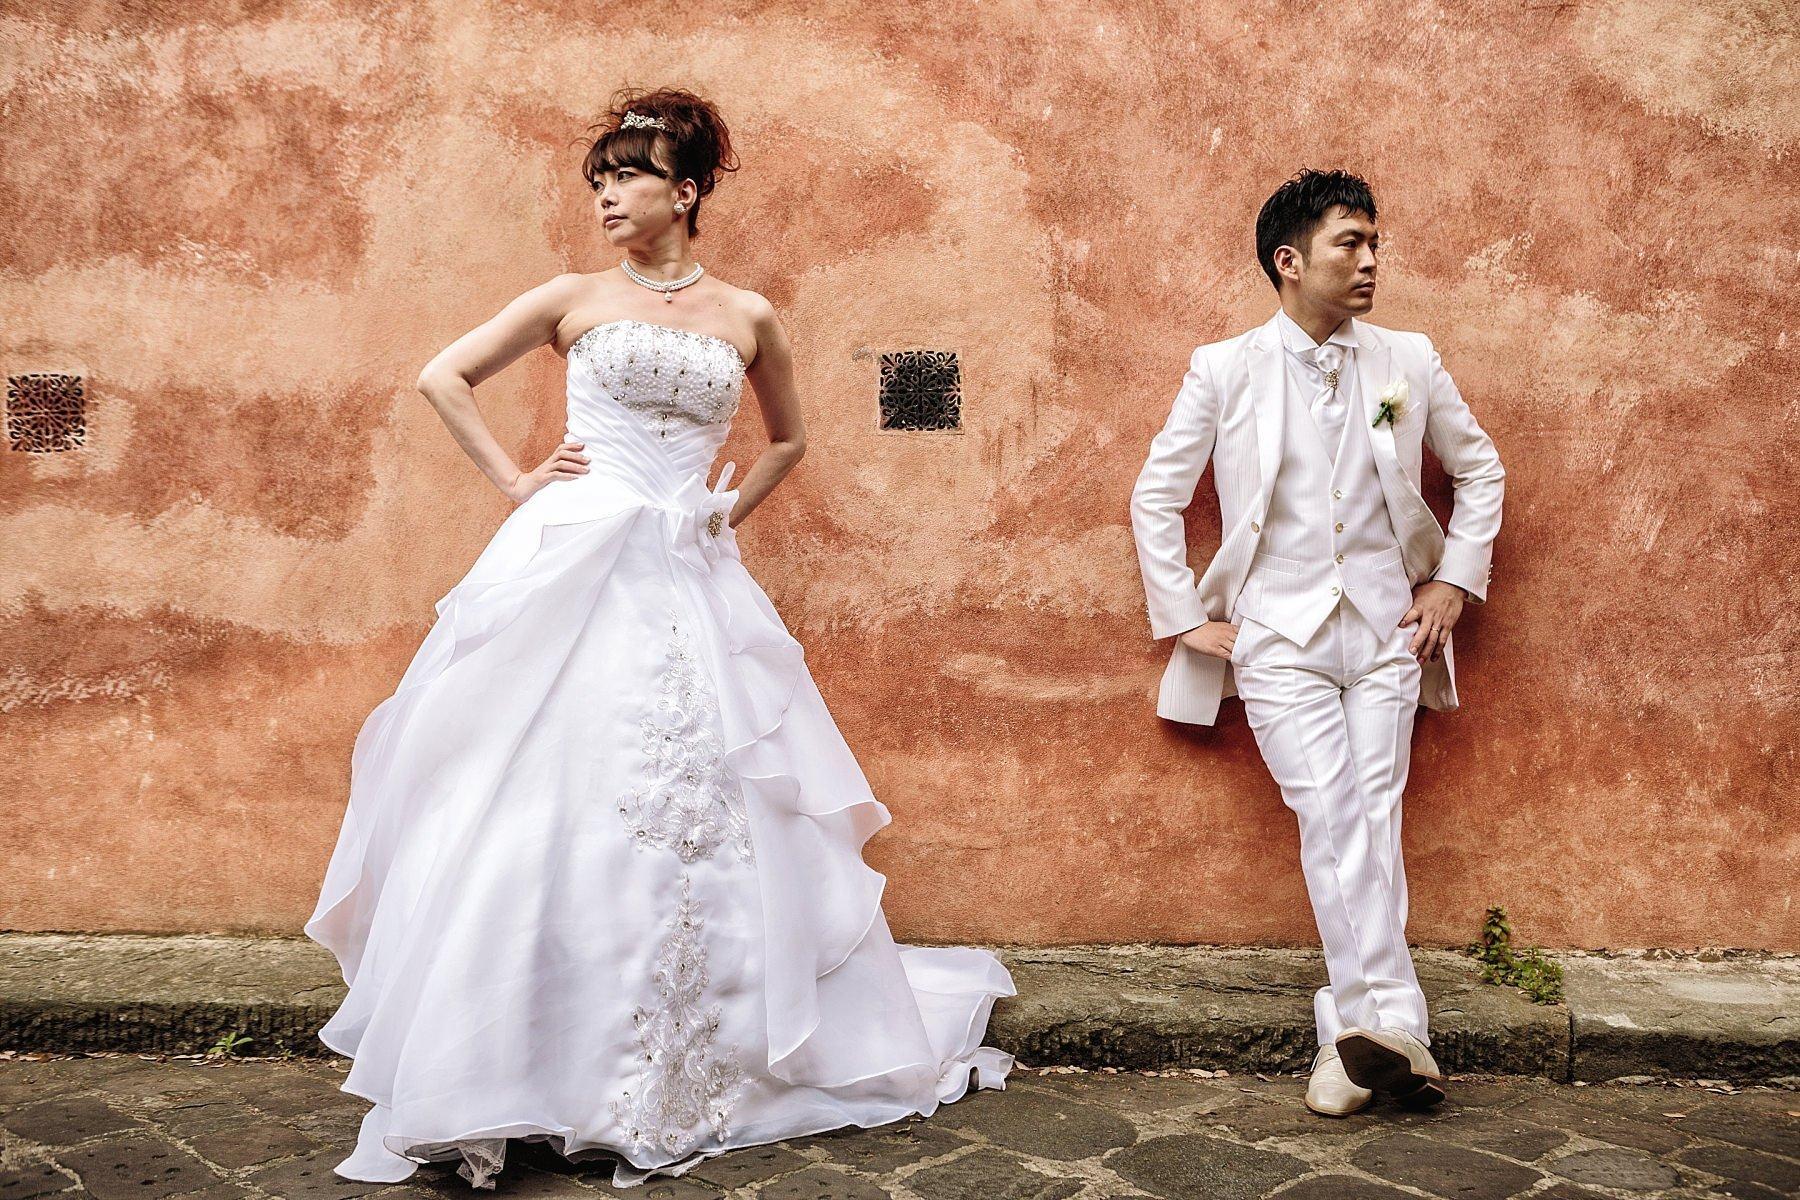 Fotografia di Matrimonio a Firenze con muro in background